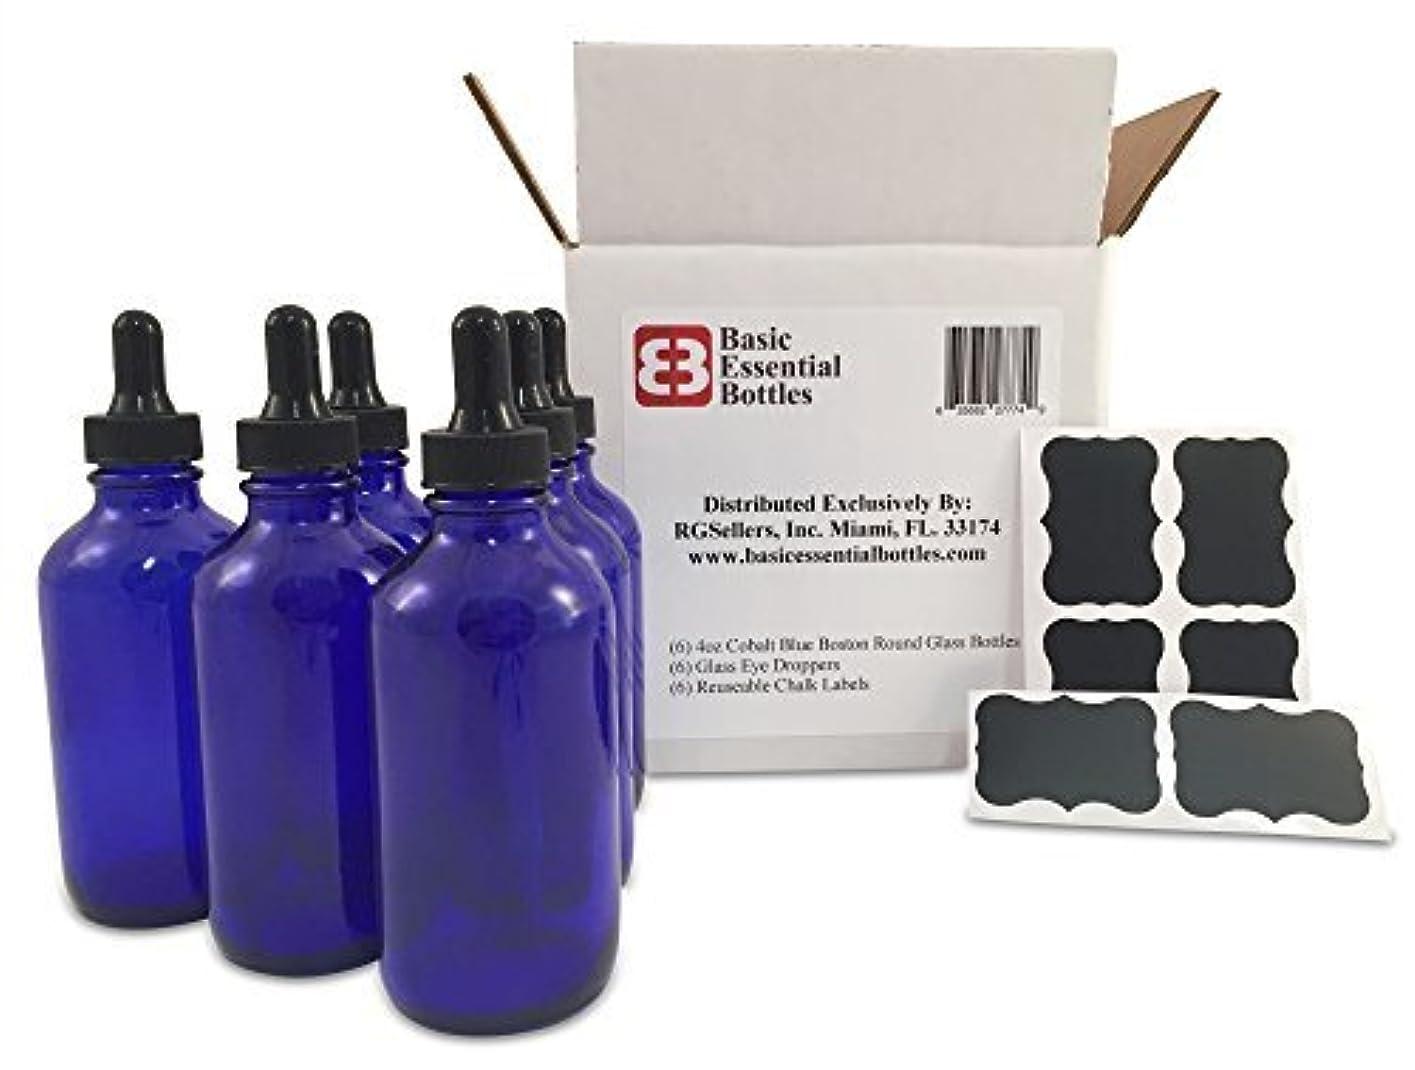 動物園スリンク献身(6) 4 oz Empty Cobalt Blue Glass Bottles W/Glass Eye Droppers and (6) Chalk Labels for Essential Oils, Aromatherapy...